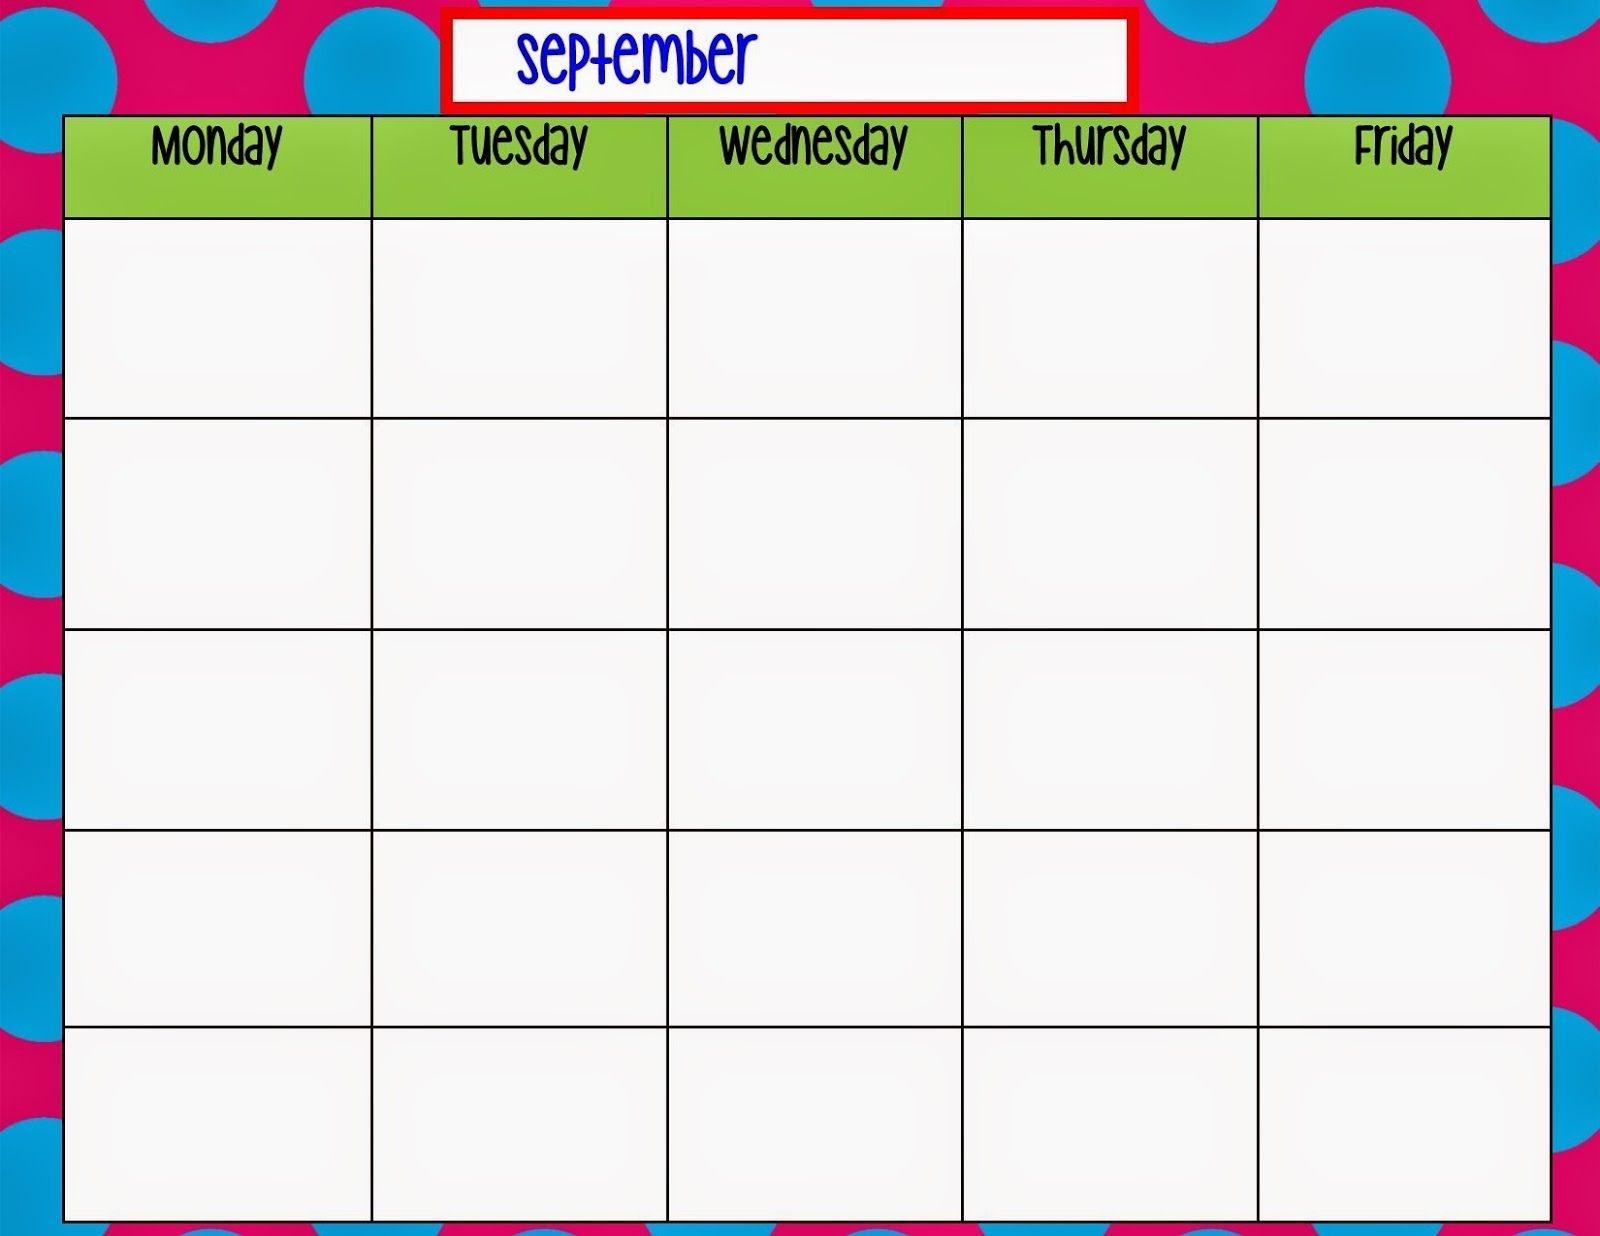 Monday Through Friday Calendar Template | Preschool | Weekly-Monday Through Friday Planning Template